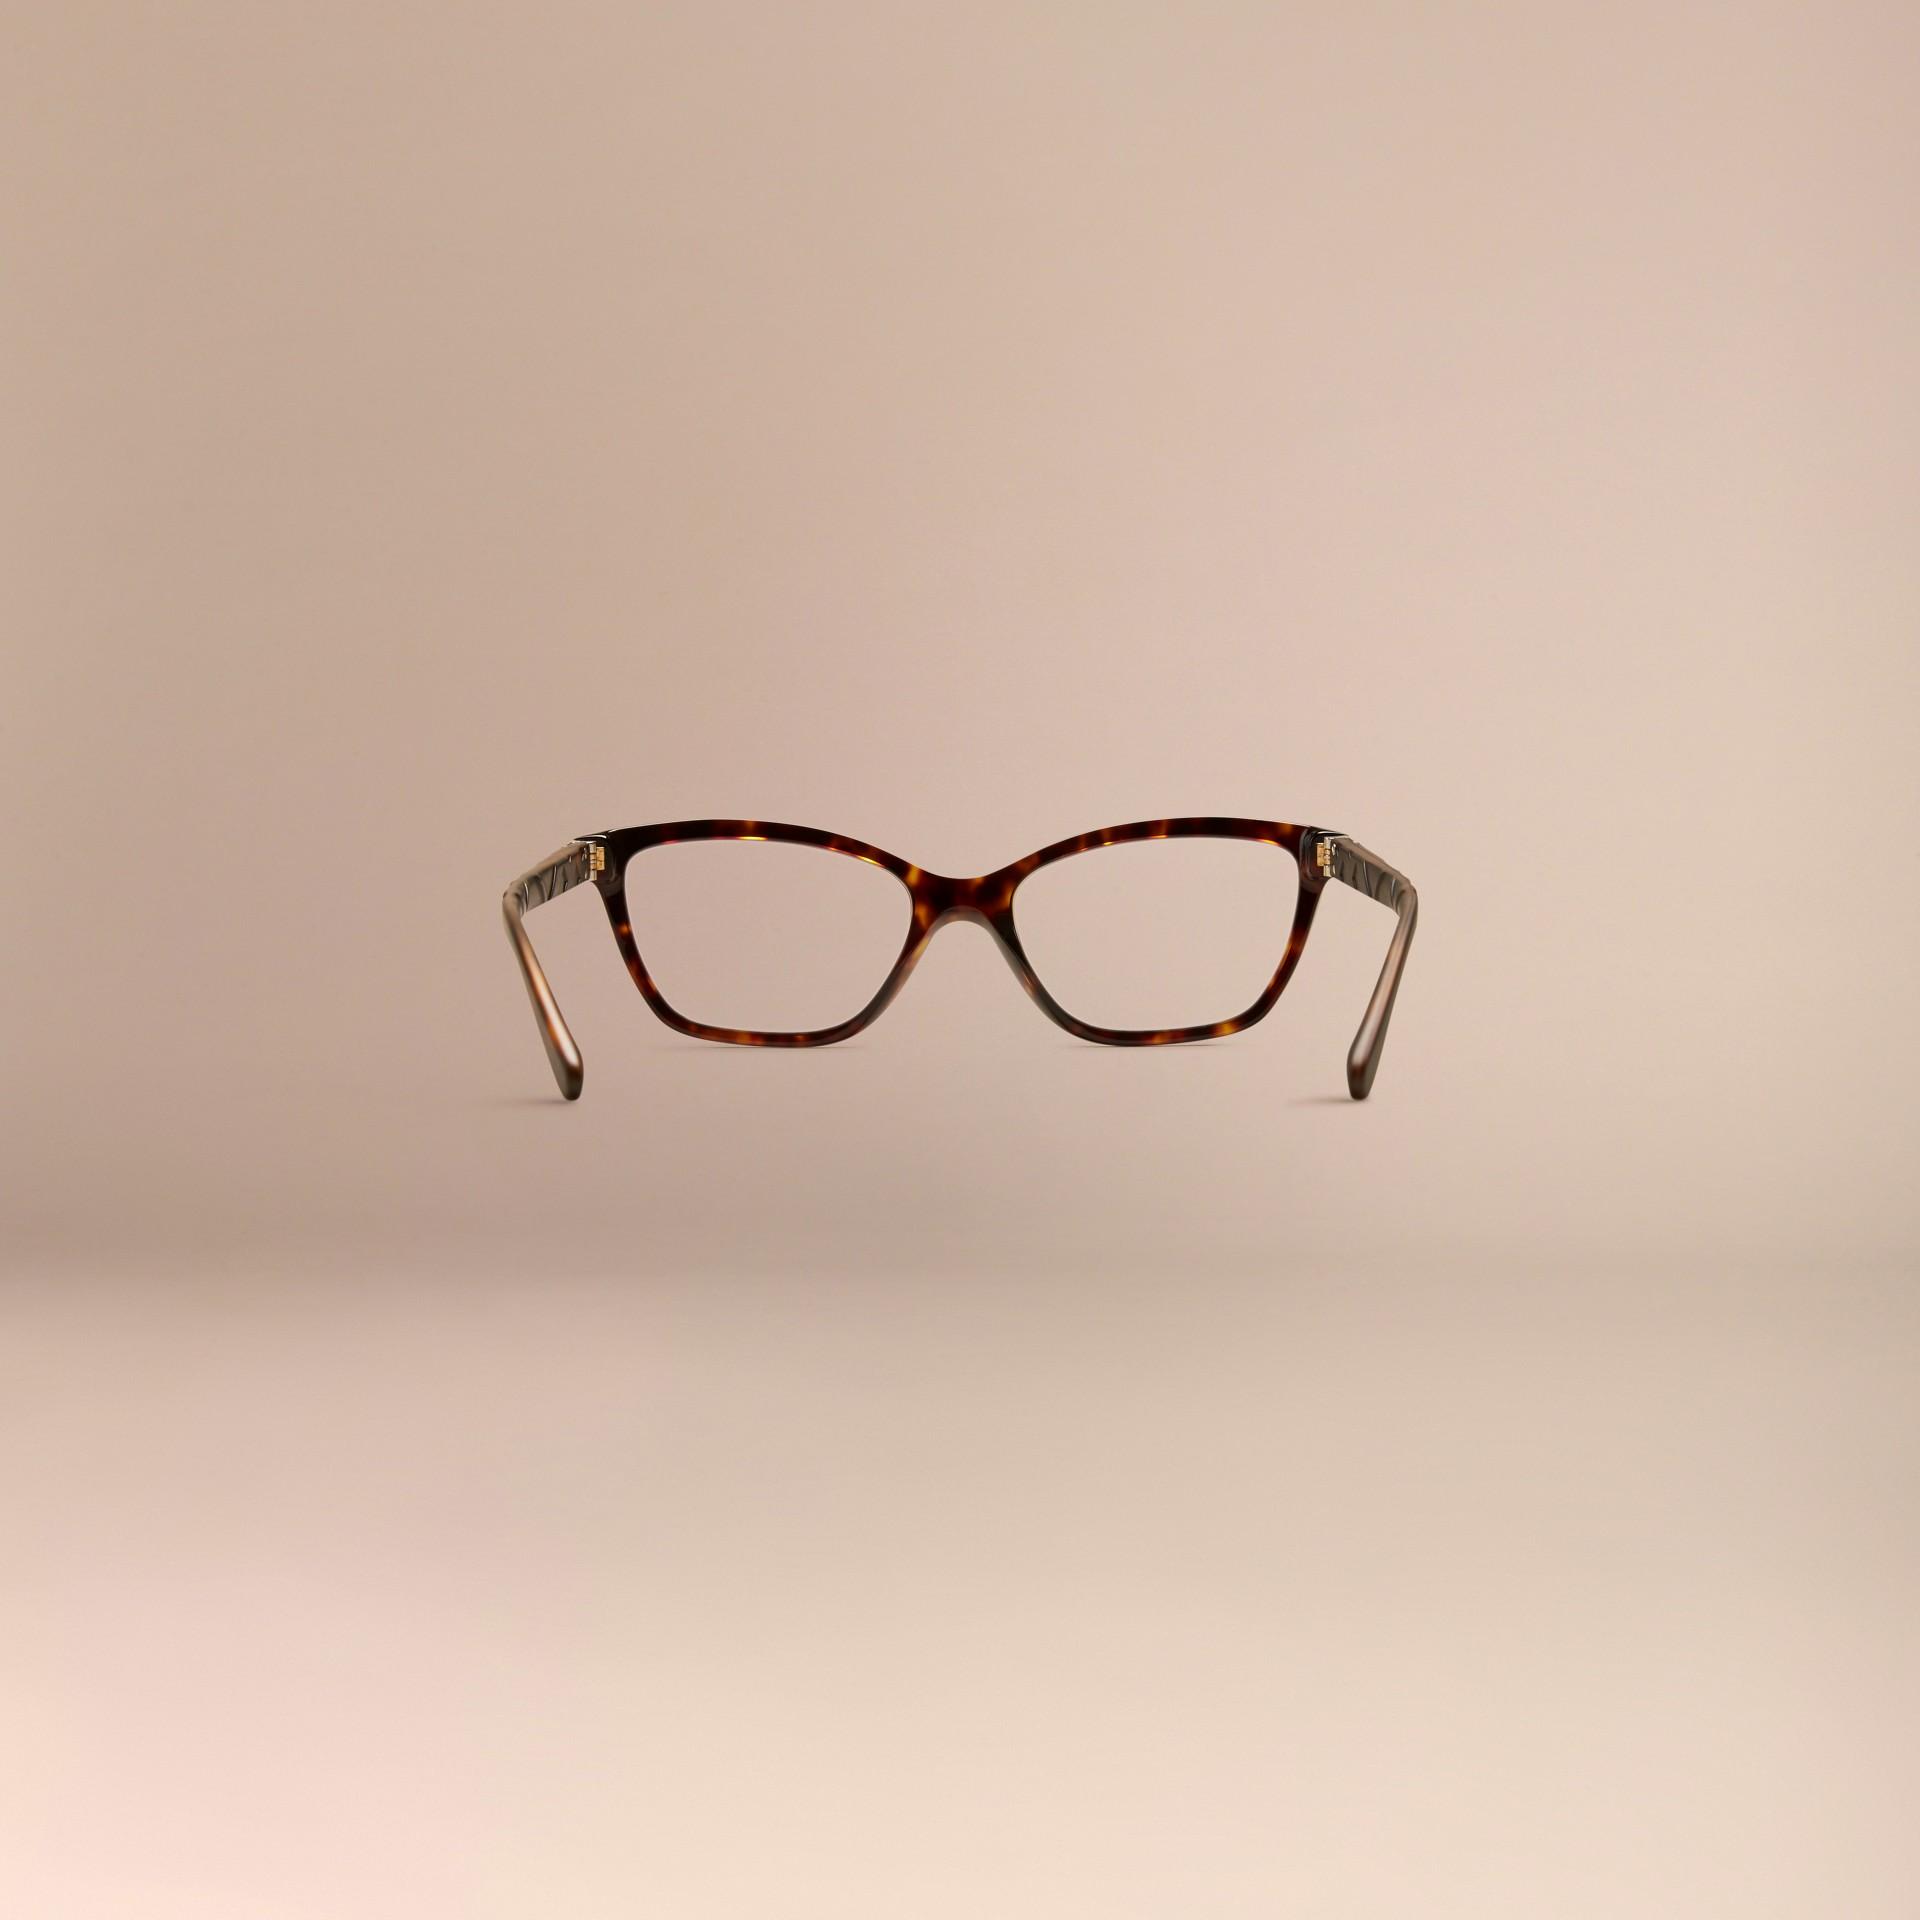 Écaille de tortue Monture œil de chat pour lunettes de vue à motif check Écaille  Tortue - photo de la galerie 4